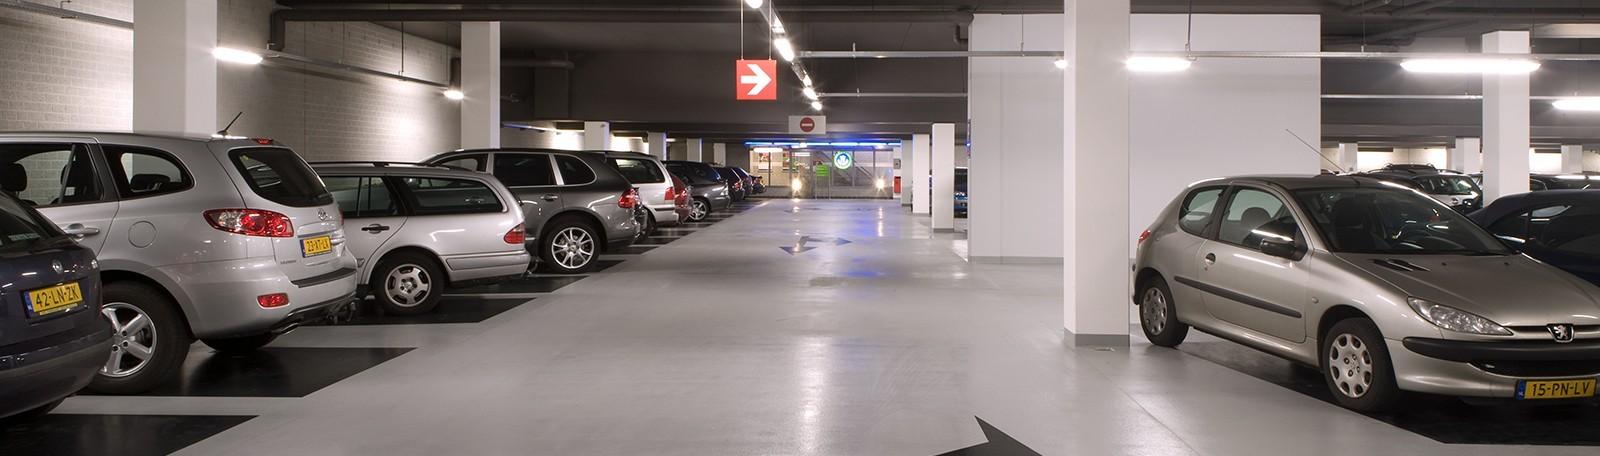 Réservation parking Bois Boulogne Auteuil Boulogne-Billancourt